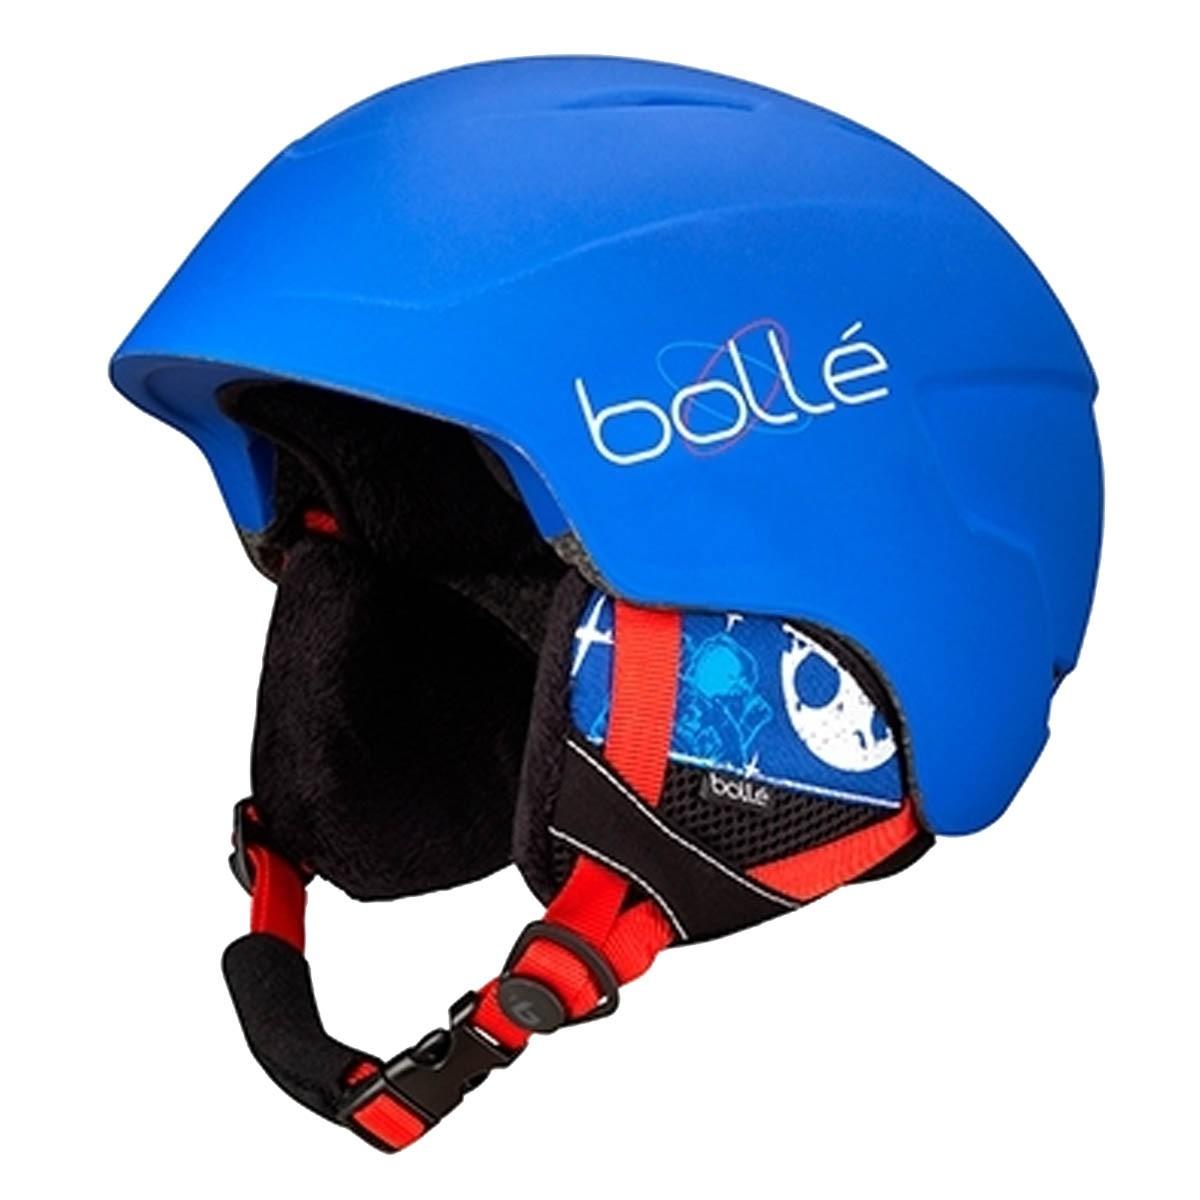 Casco Sci Bolle B-Lieve (Colore: MATTE NAVY AEROSPACE, Taglia: 5357)